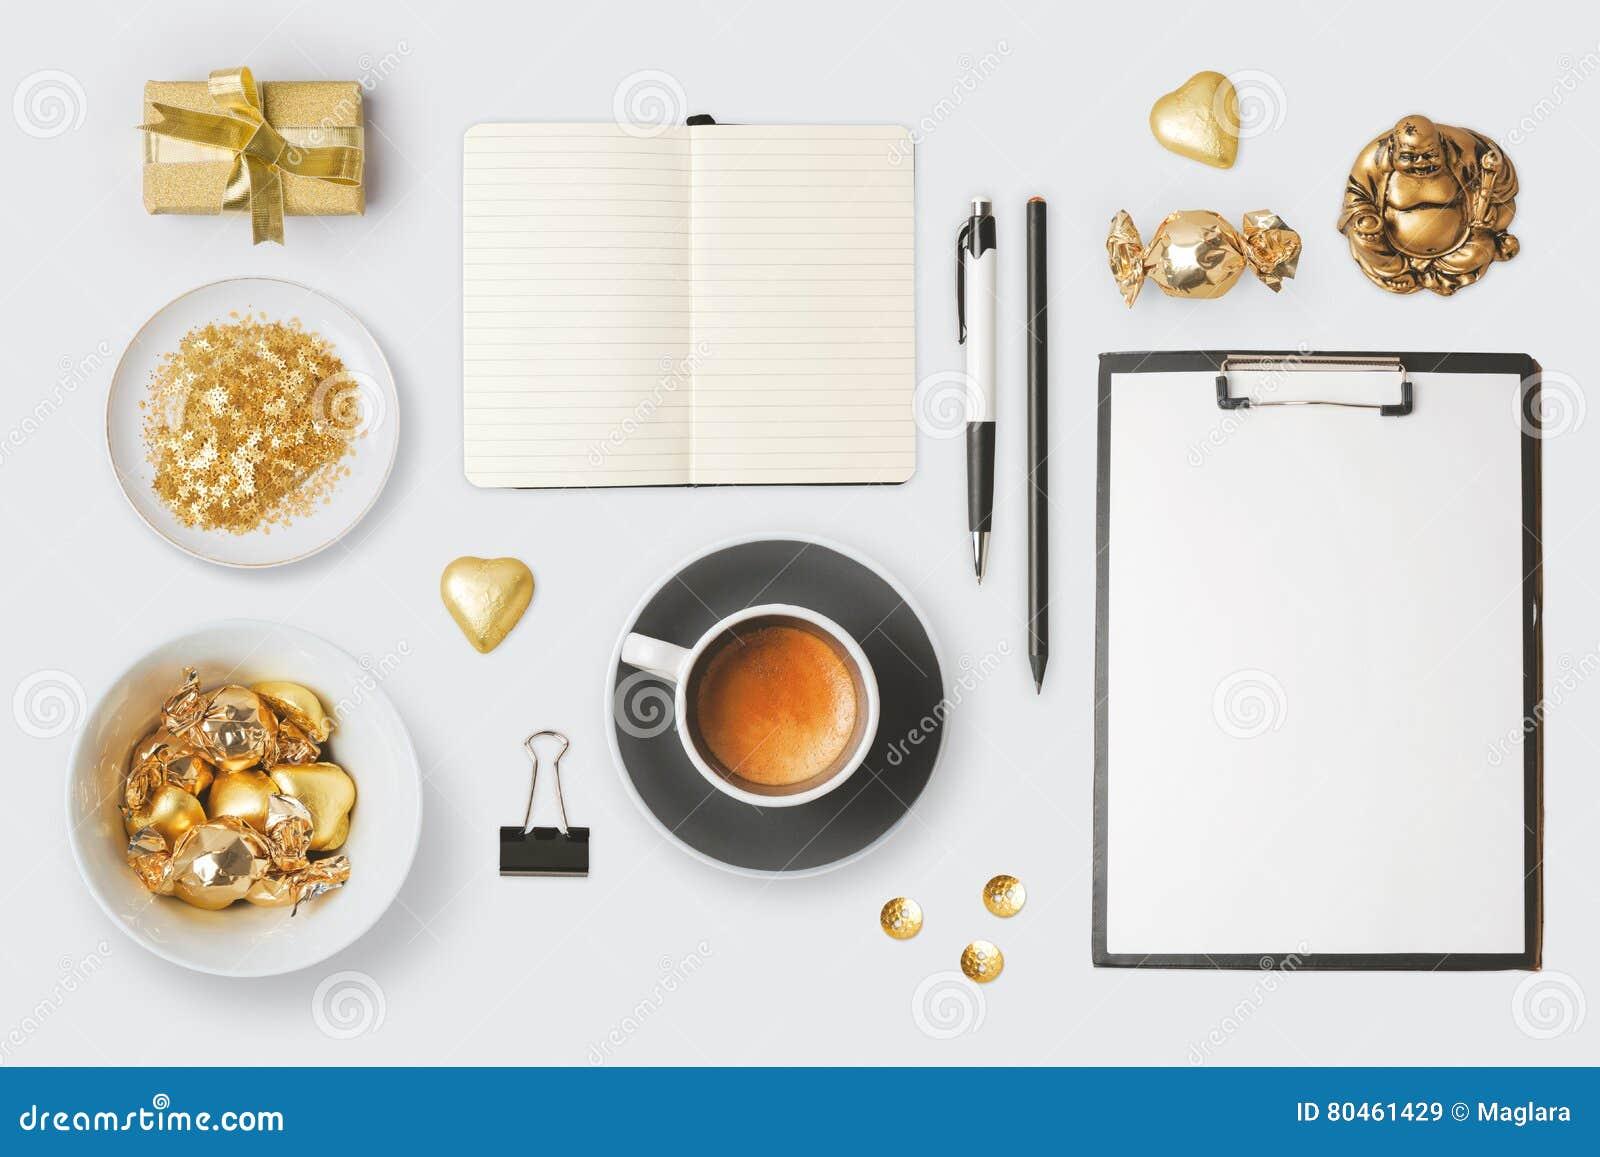 Nowożytni przedmioty i rzeczy dla egzaminu próbnego w górę szablonu projekta Notatnik, filiżanka i czekolada, na widok